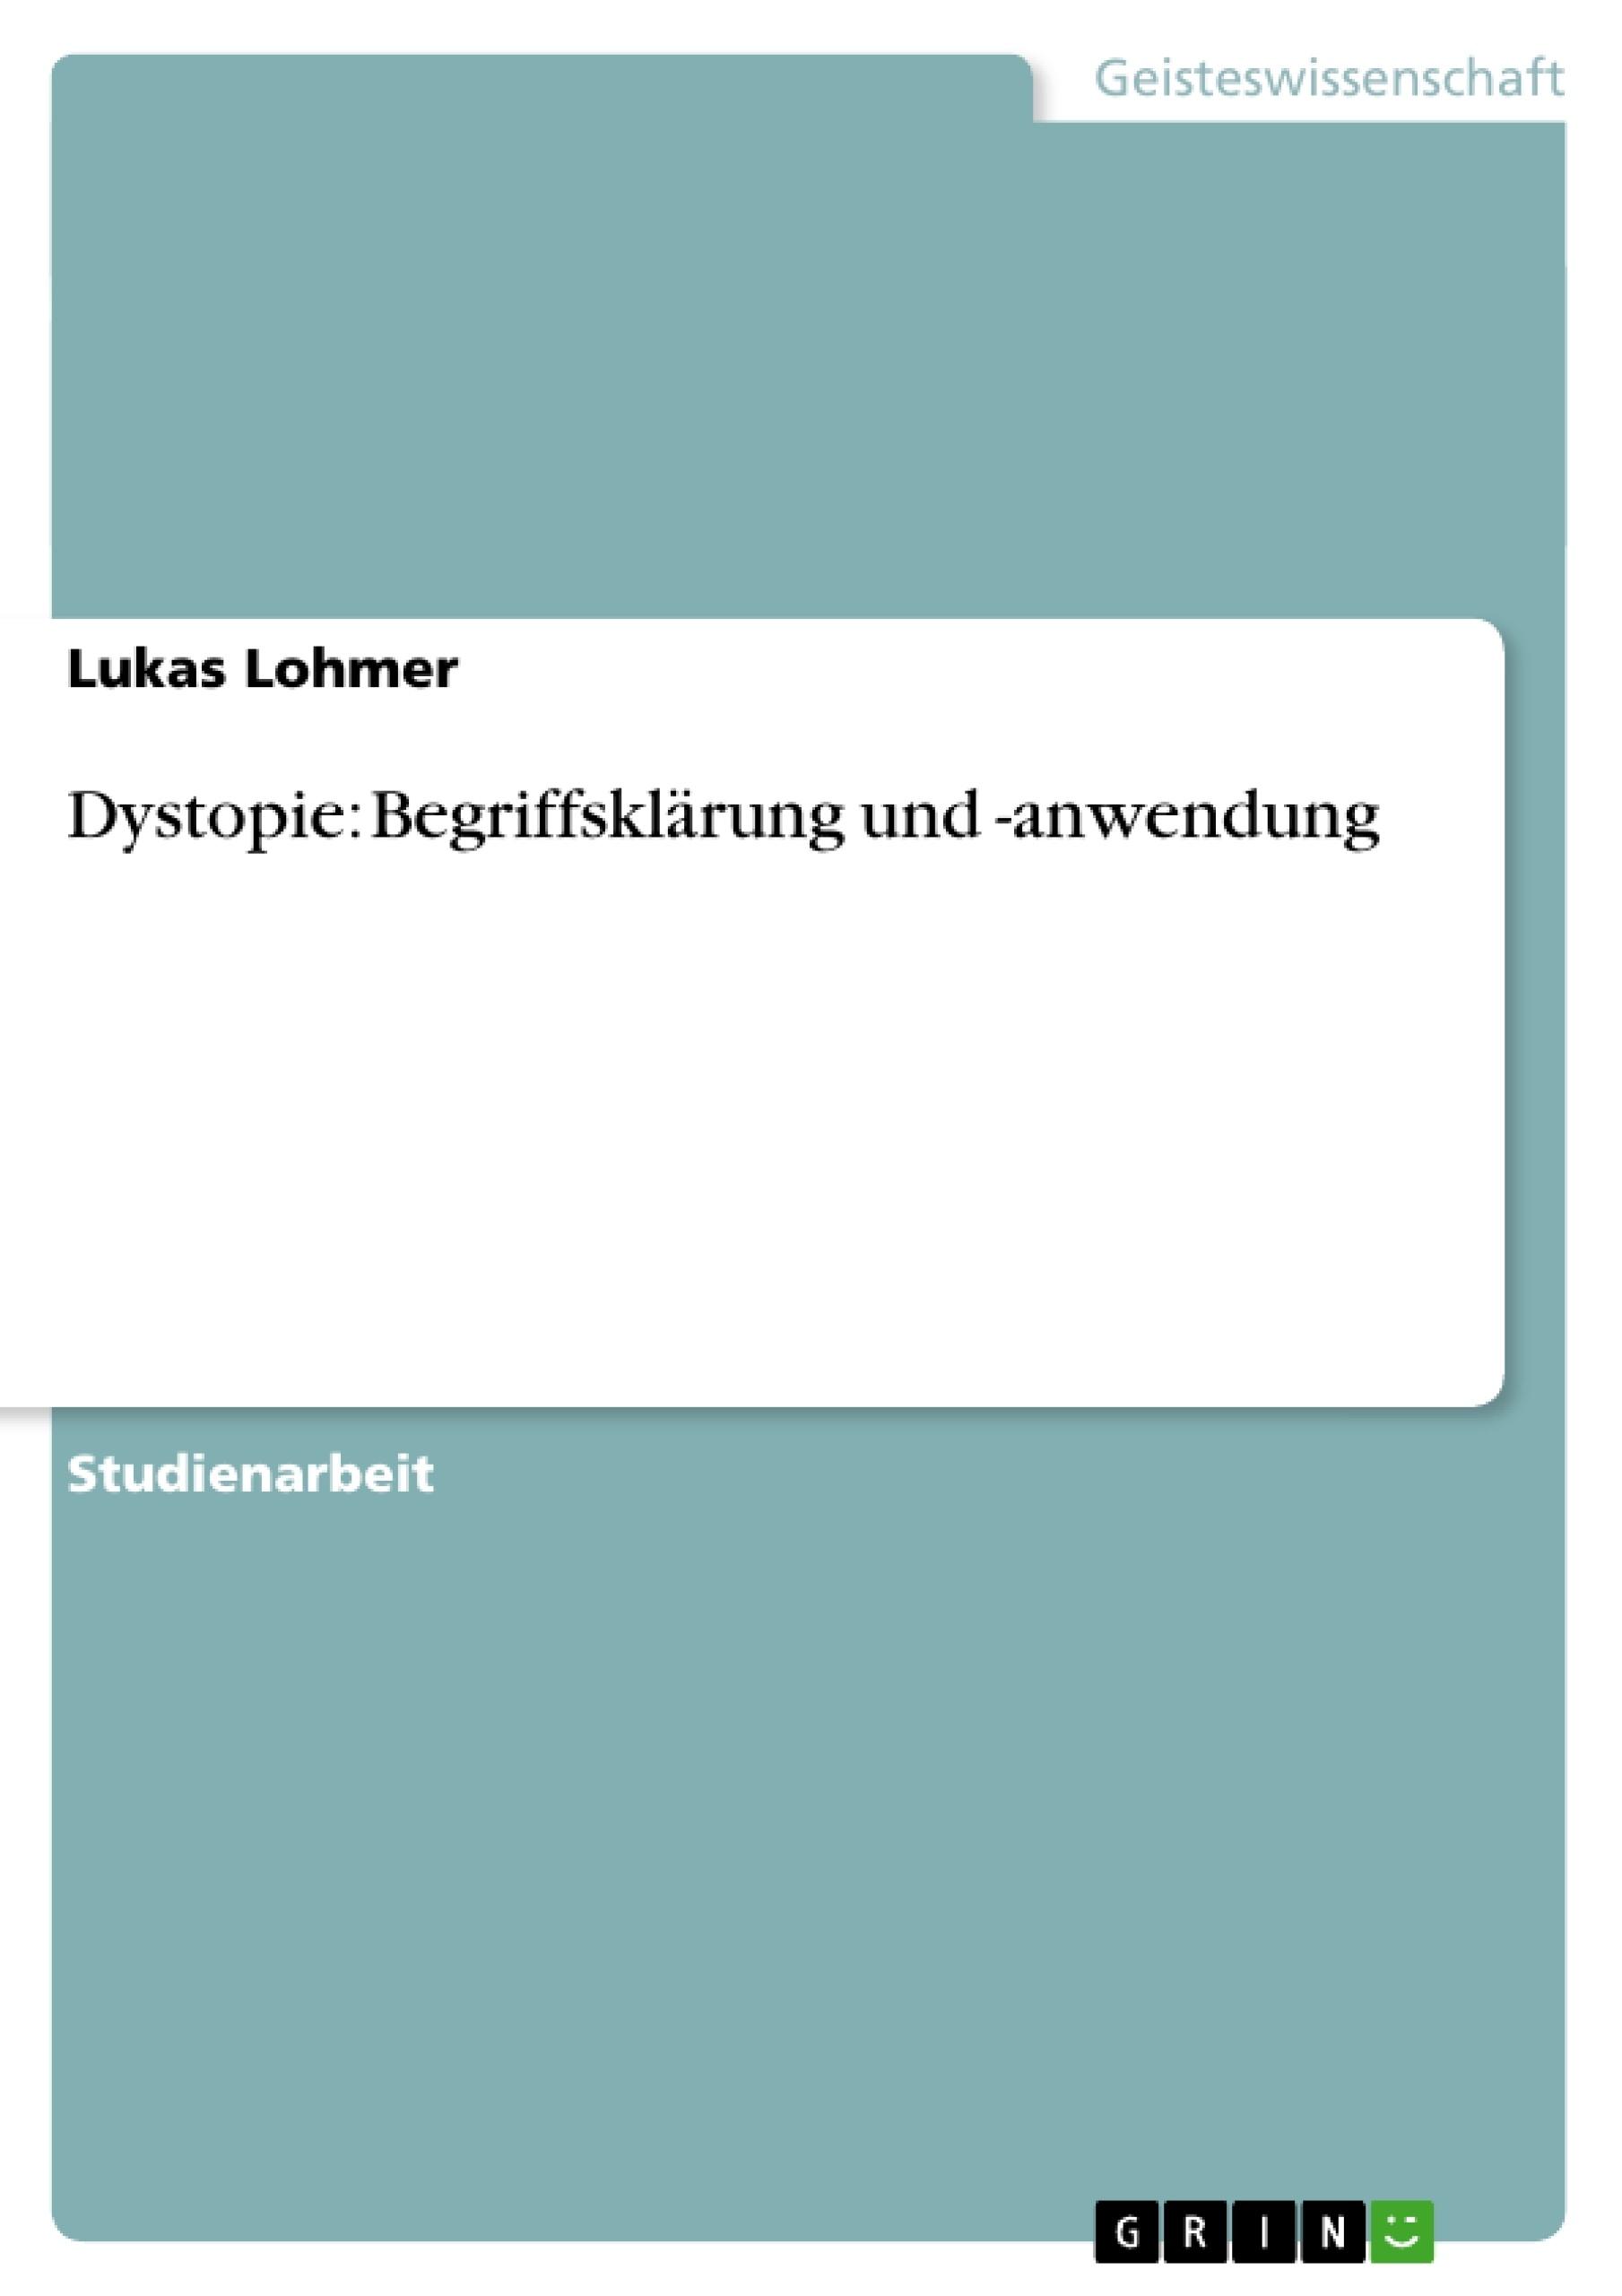 Titel: Dystopie: Begriffsklärung und -anwendung